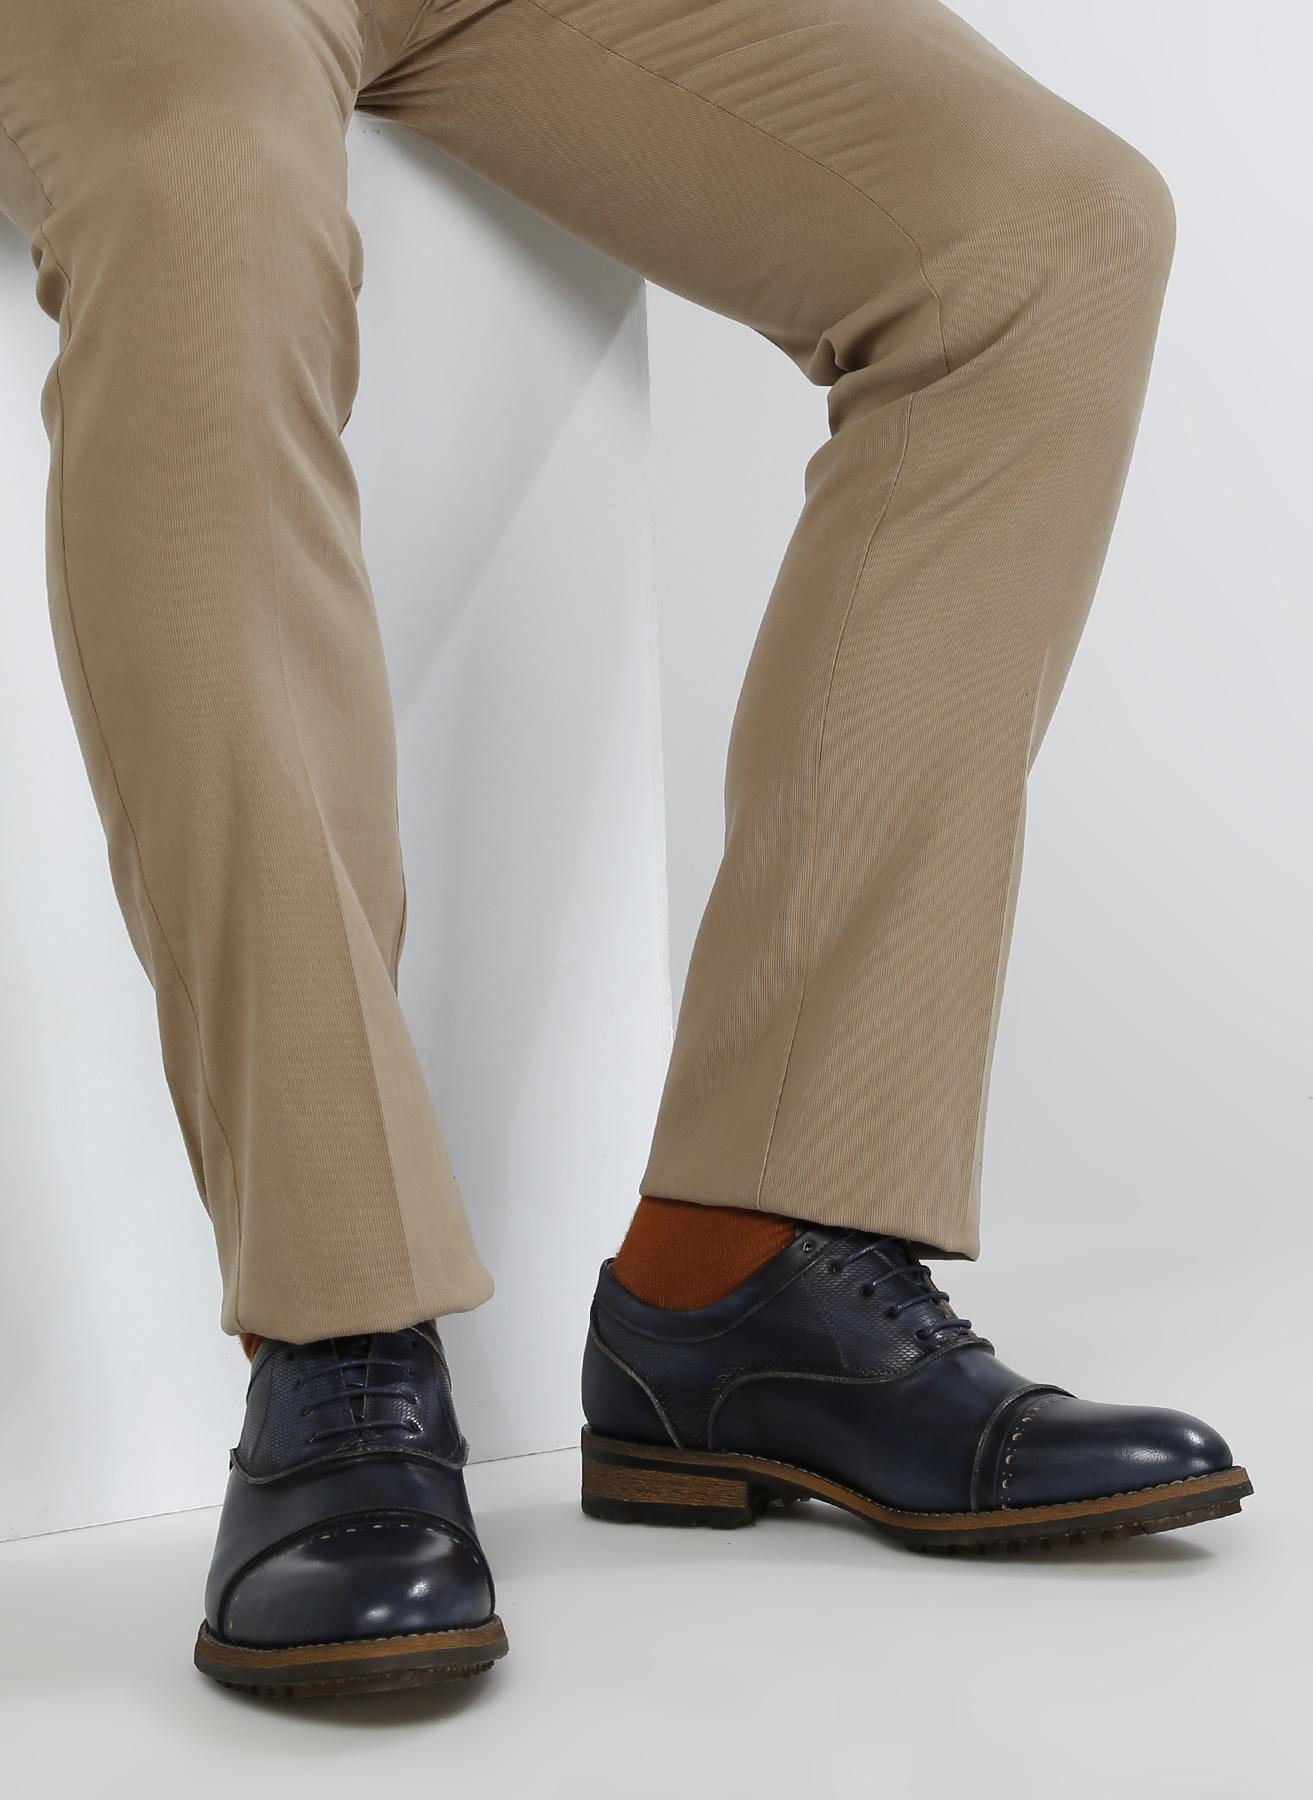 Fabrika Lacivert Klasik Ayakkabı 44 5001916515005 Ürün Resmi